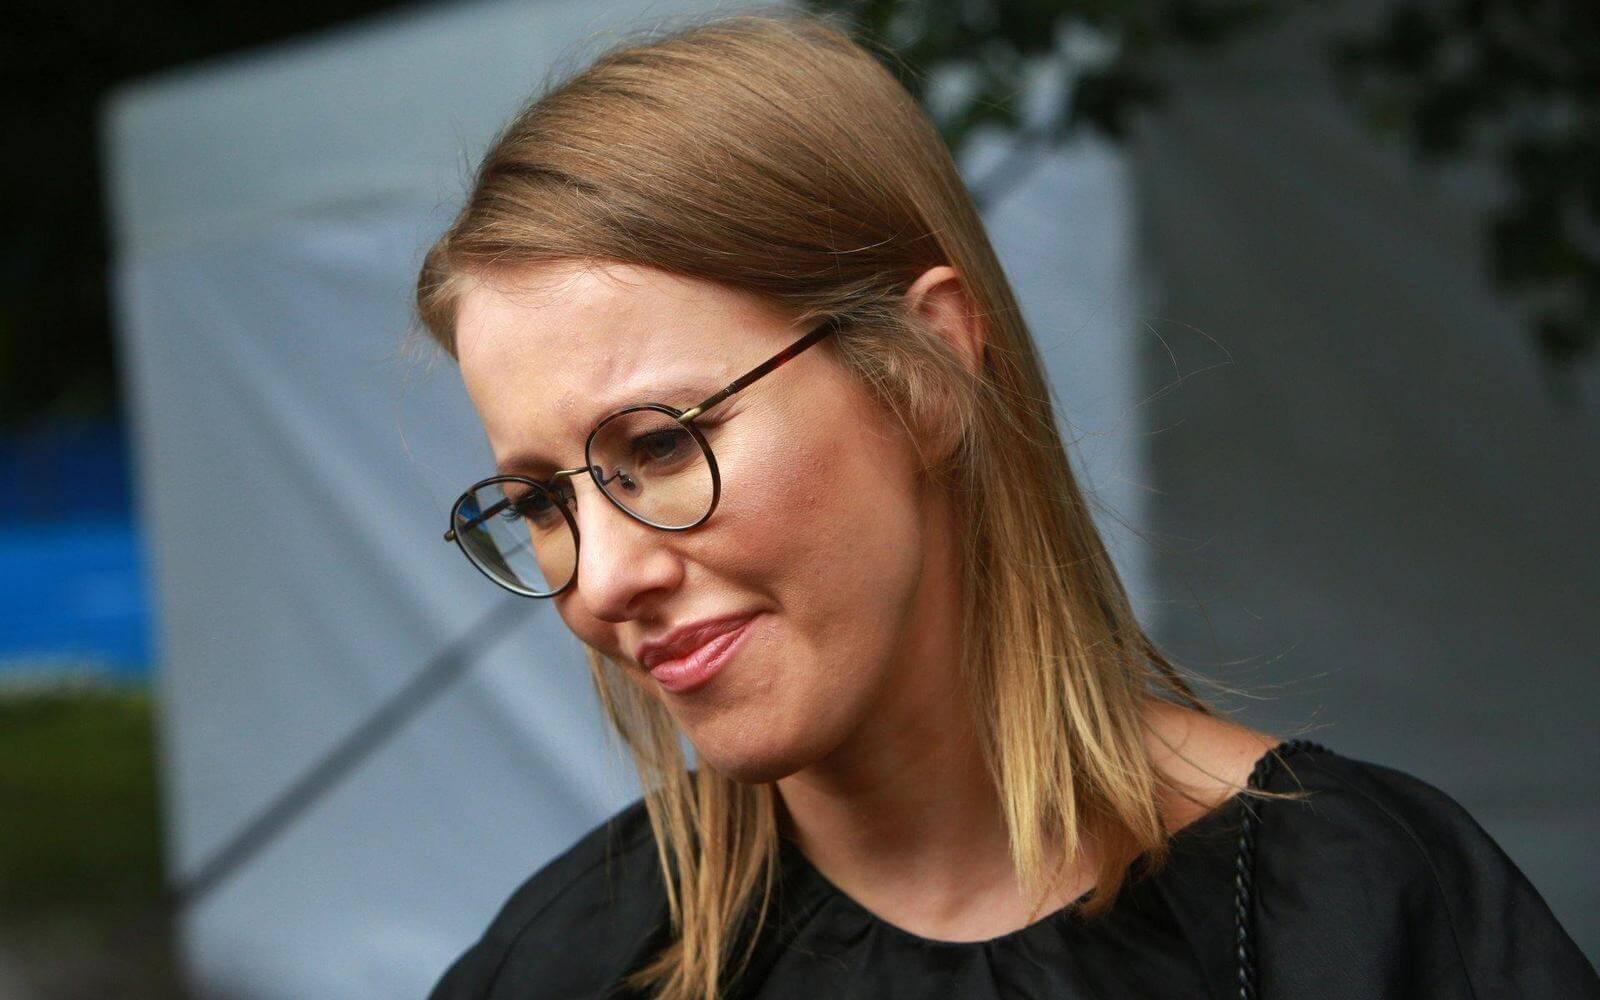 Ксения Собчак может заплатить 100 миллионов рублей за свою любовь к iPhone